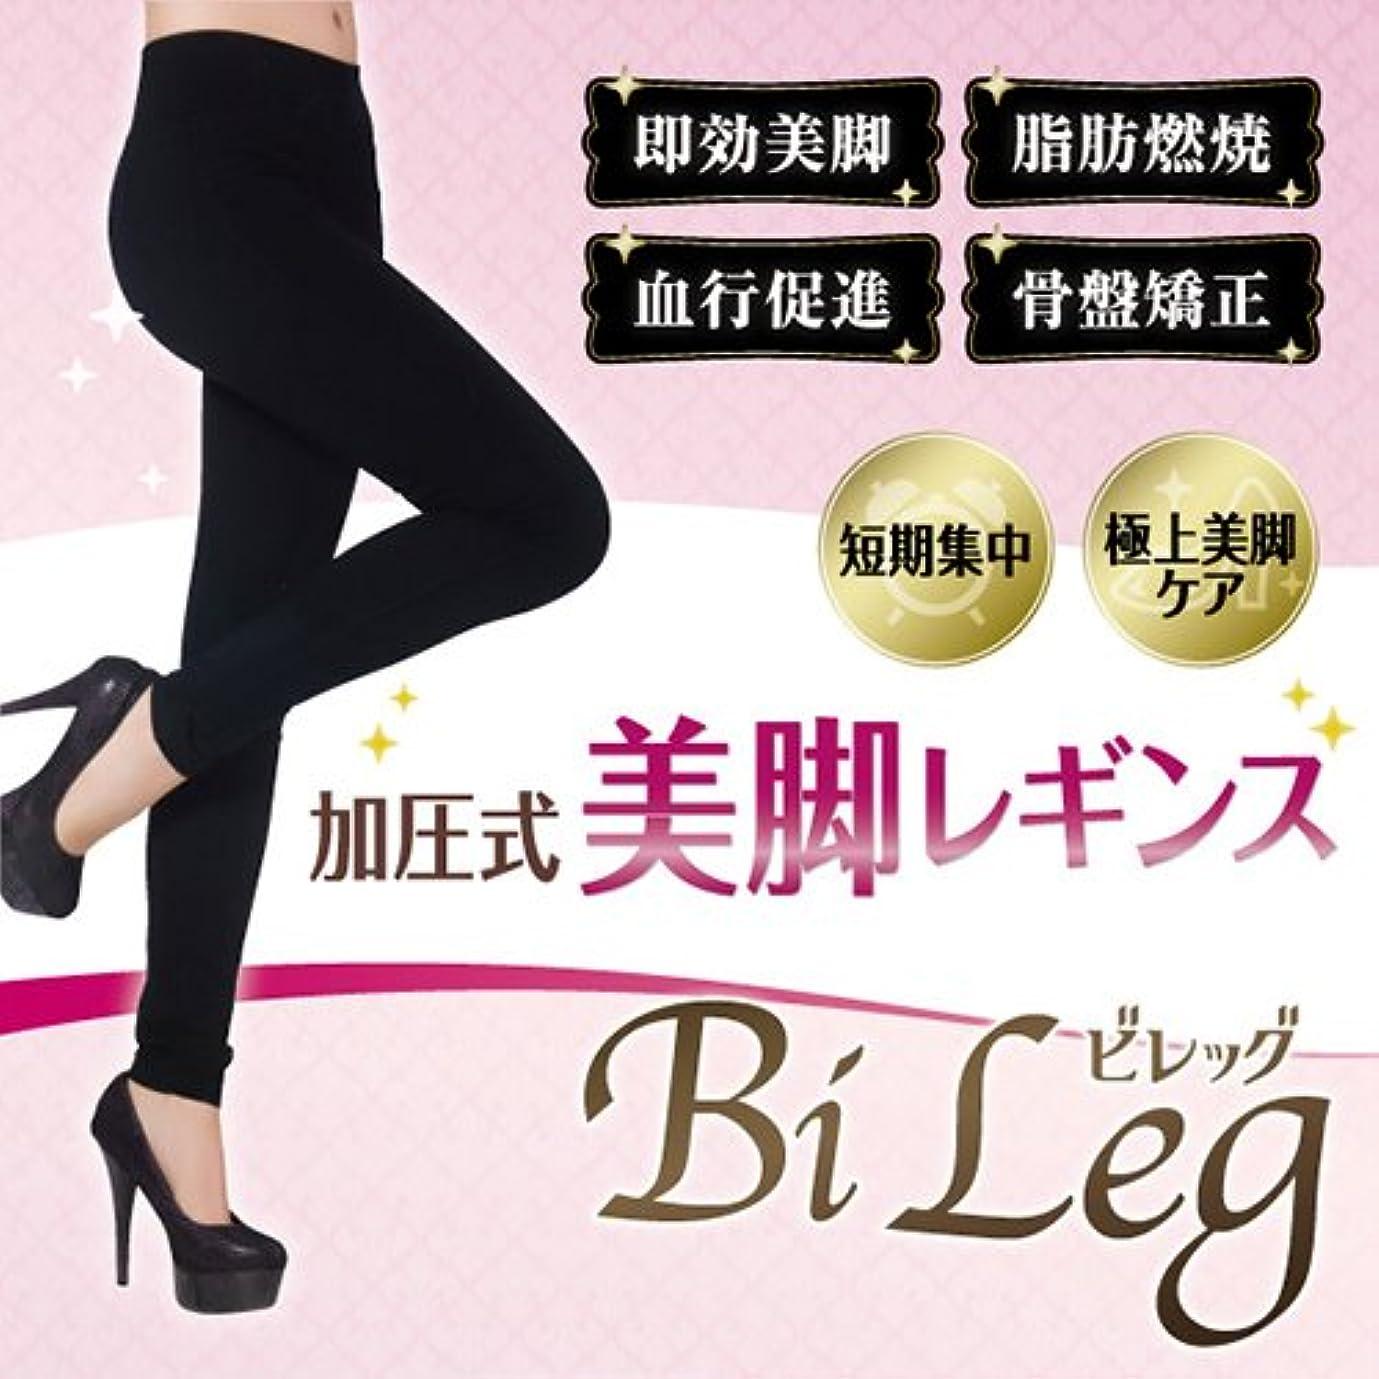 鳴り響くノイズ傑出した【単品】Bi Leg-ビレッグ-